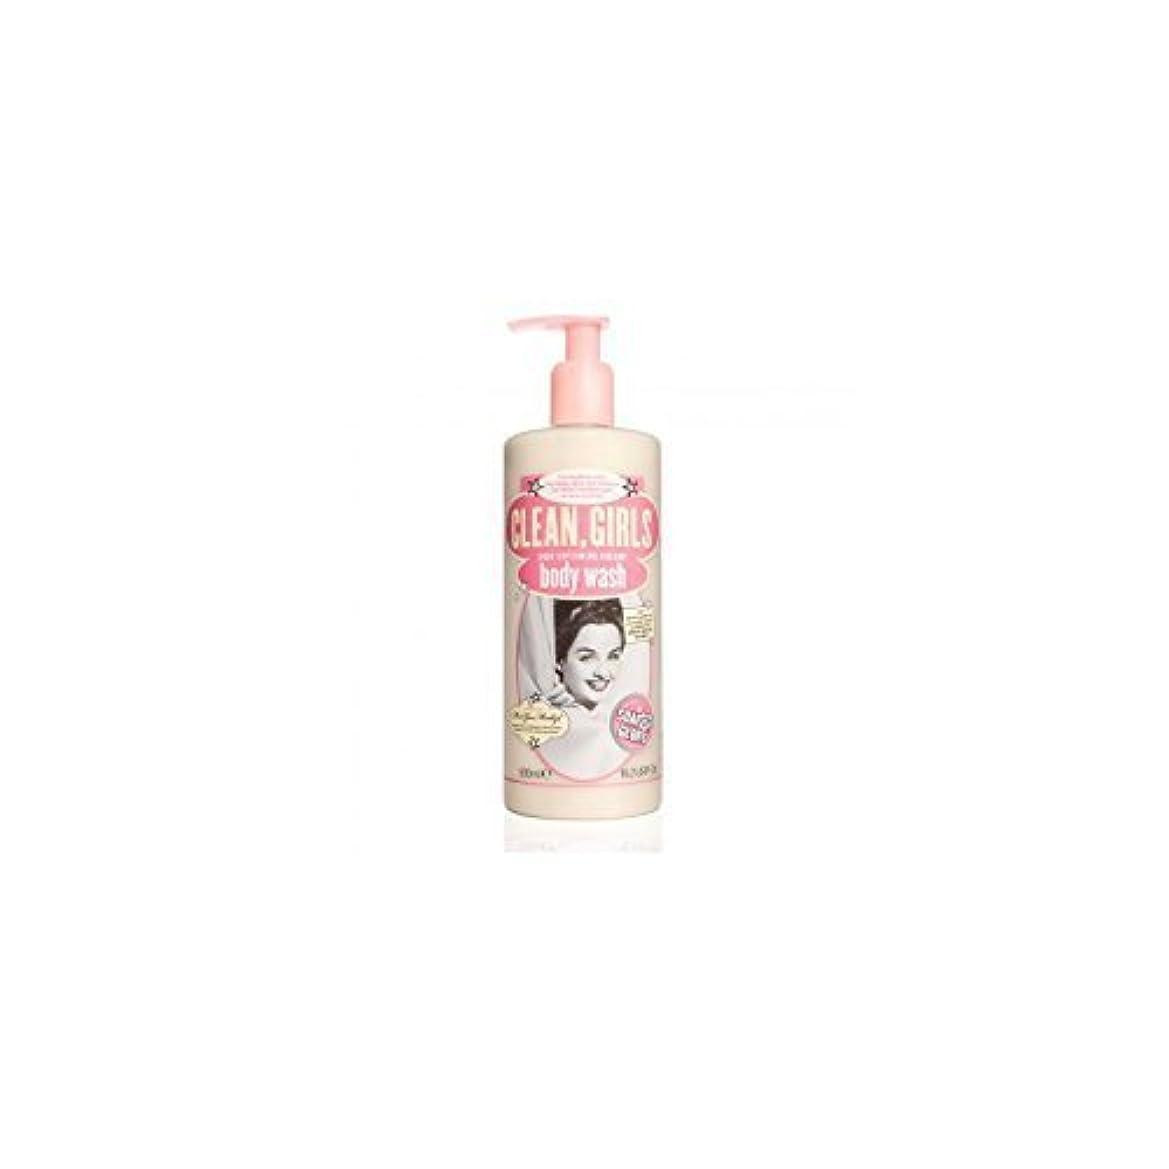 うんざり航空便トークSoap & Glory Clean Girls Body Wash 500ml by Trifing